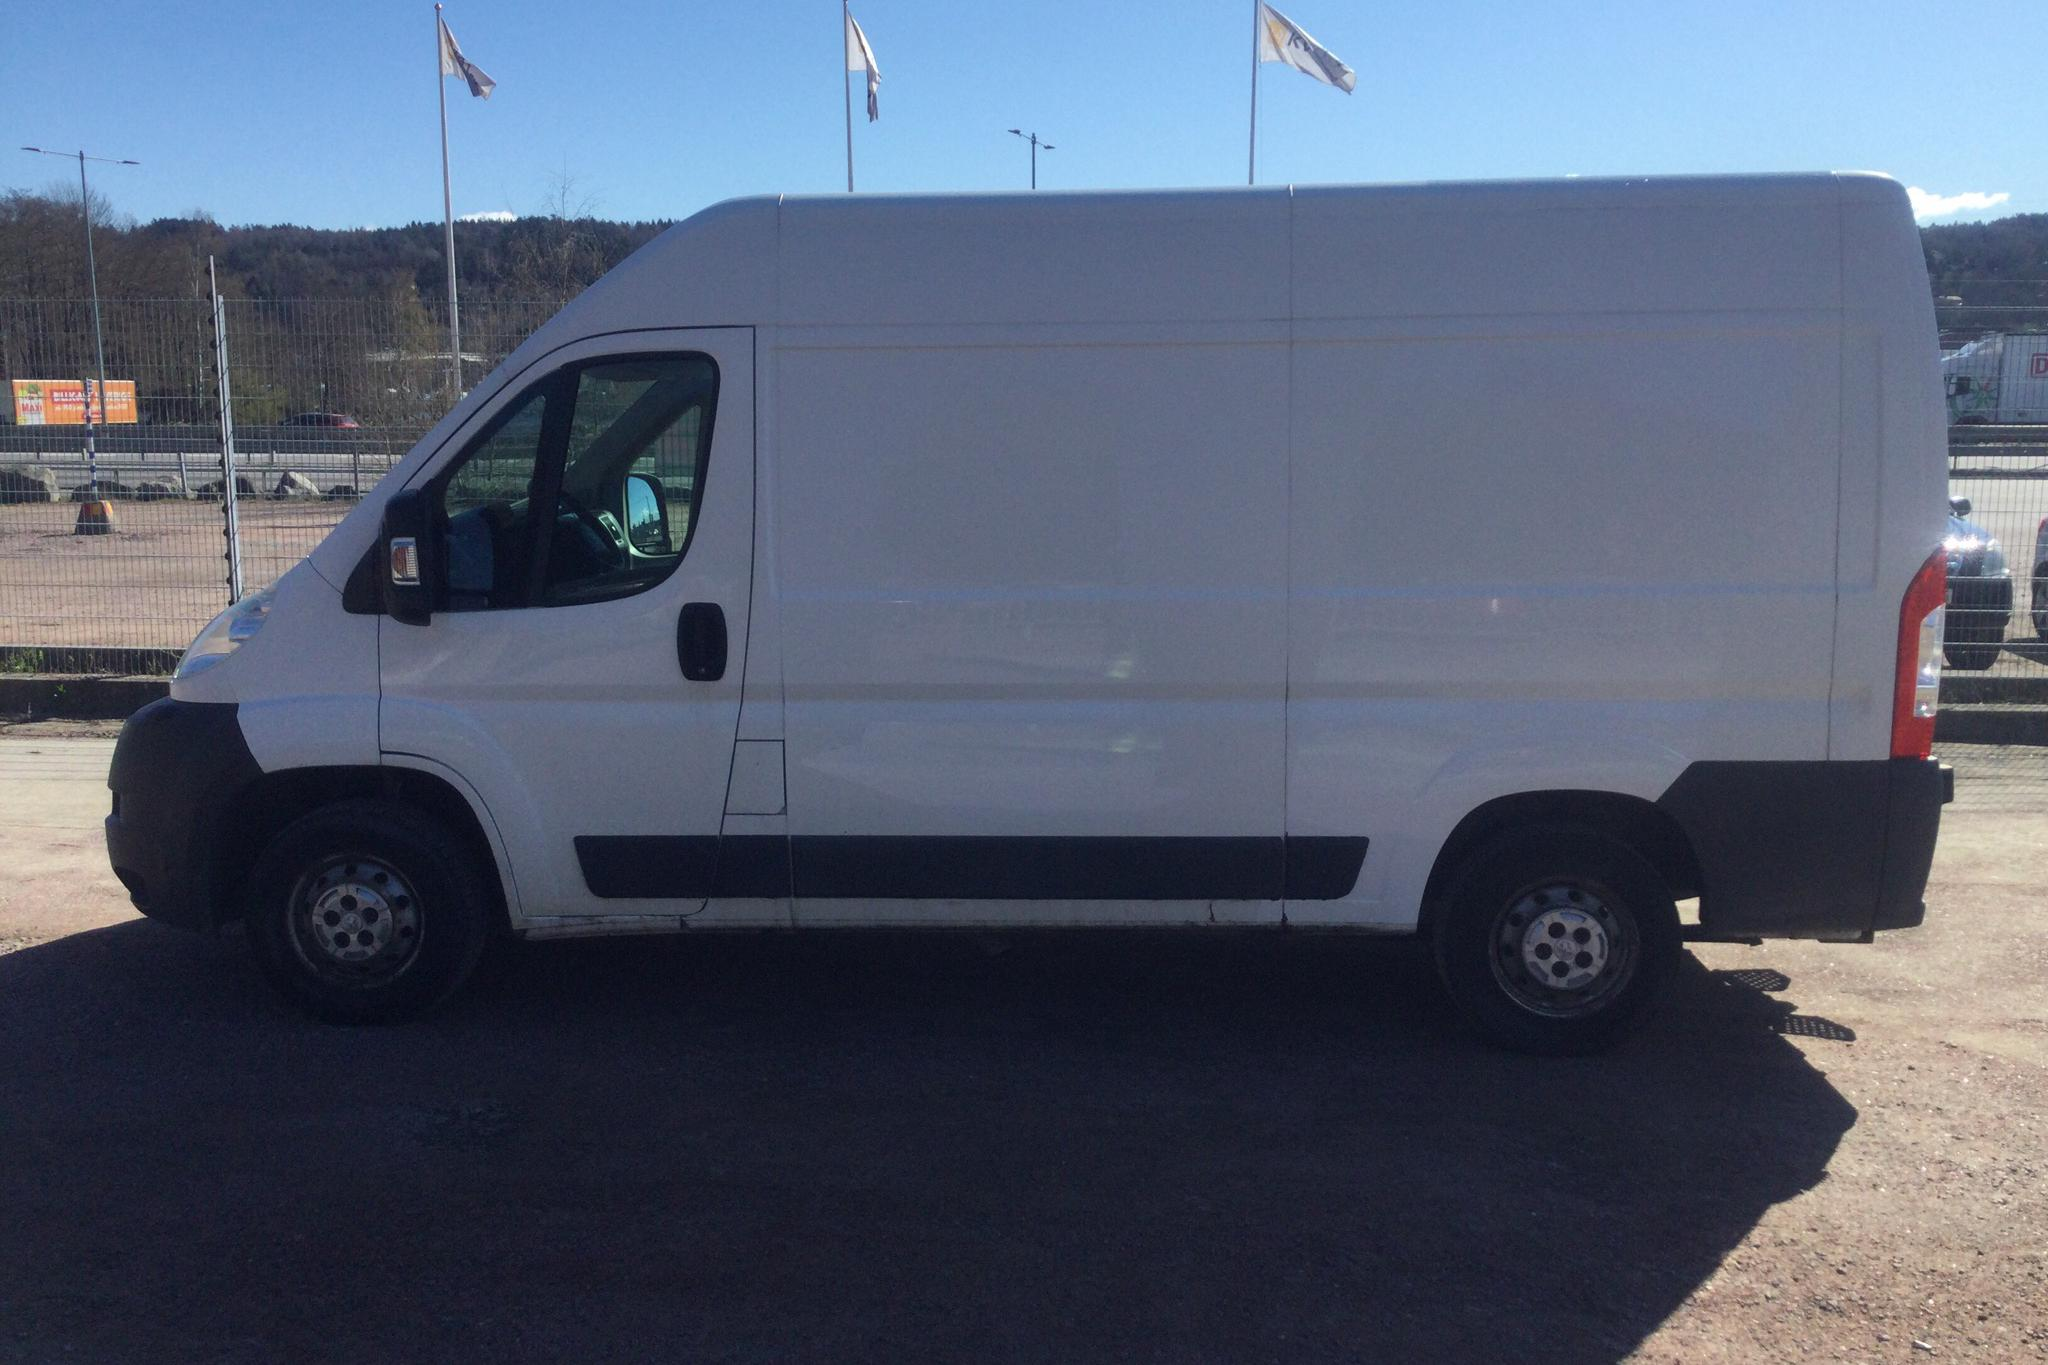 Peugeot Boxer 2.2 HDI Skåp (130hk) - 169 340 km - Manual - white - 2013